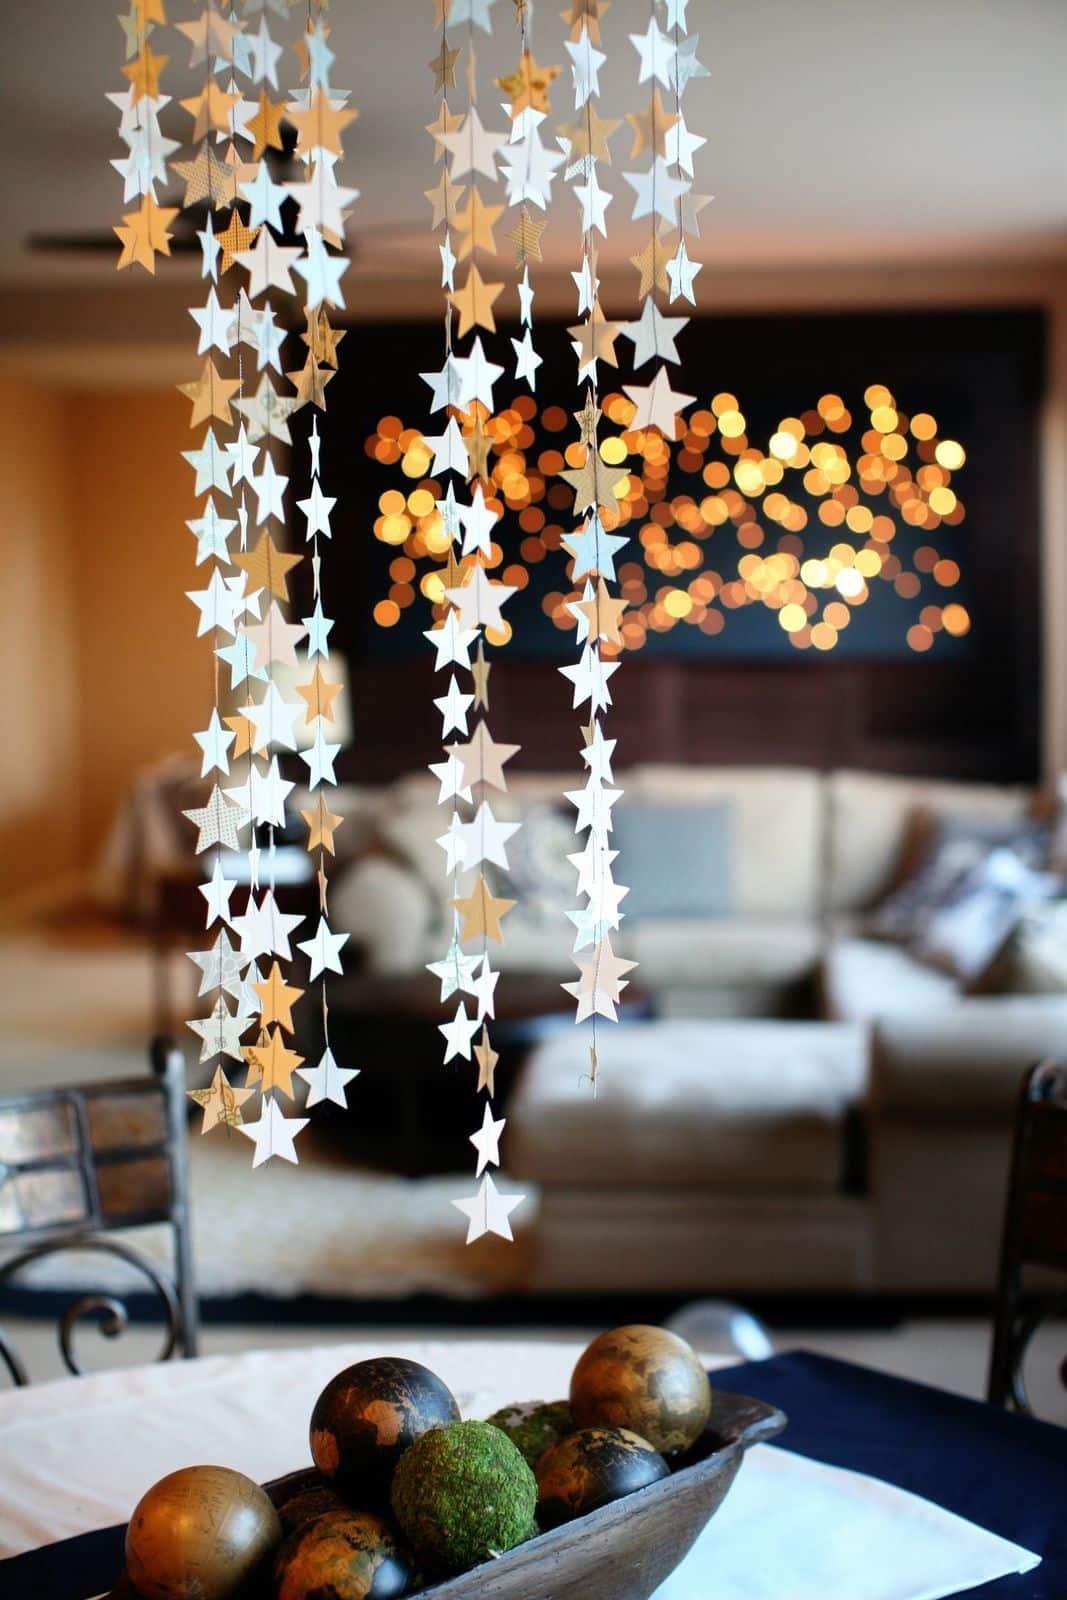 Гирлянда из бумажных звезд - отличный вариант для украшения гостиной к Новому году